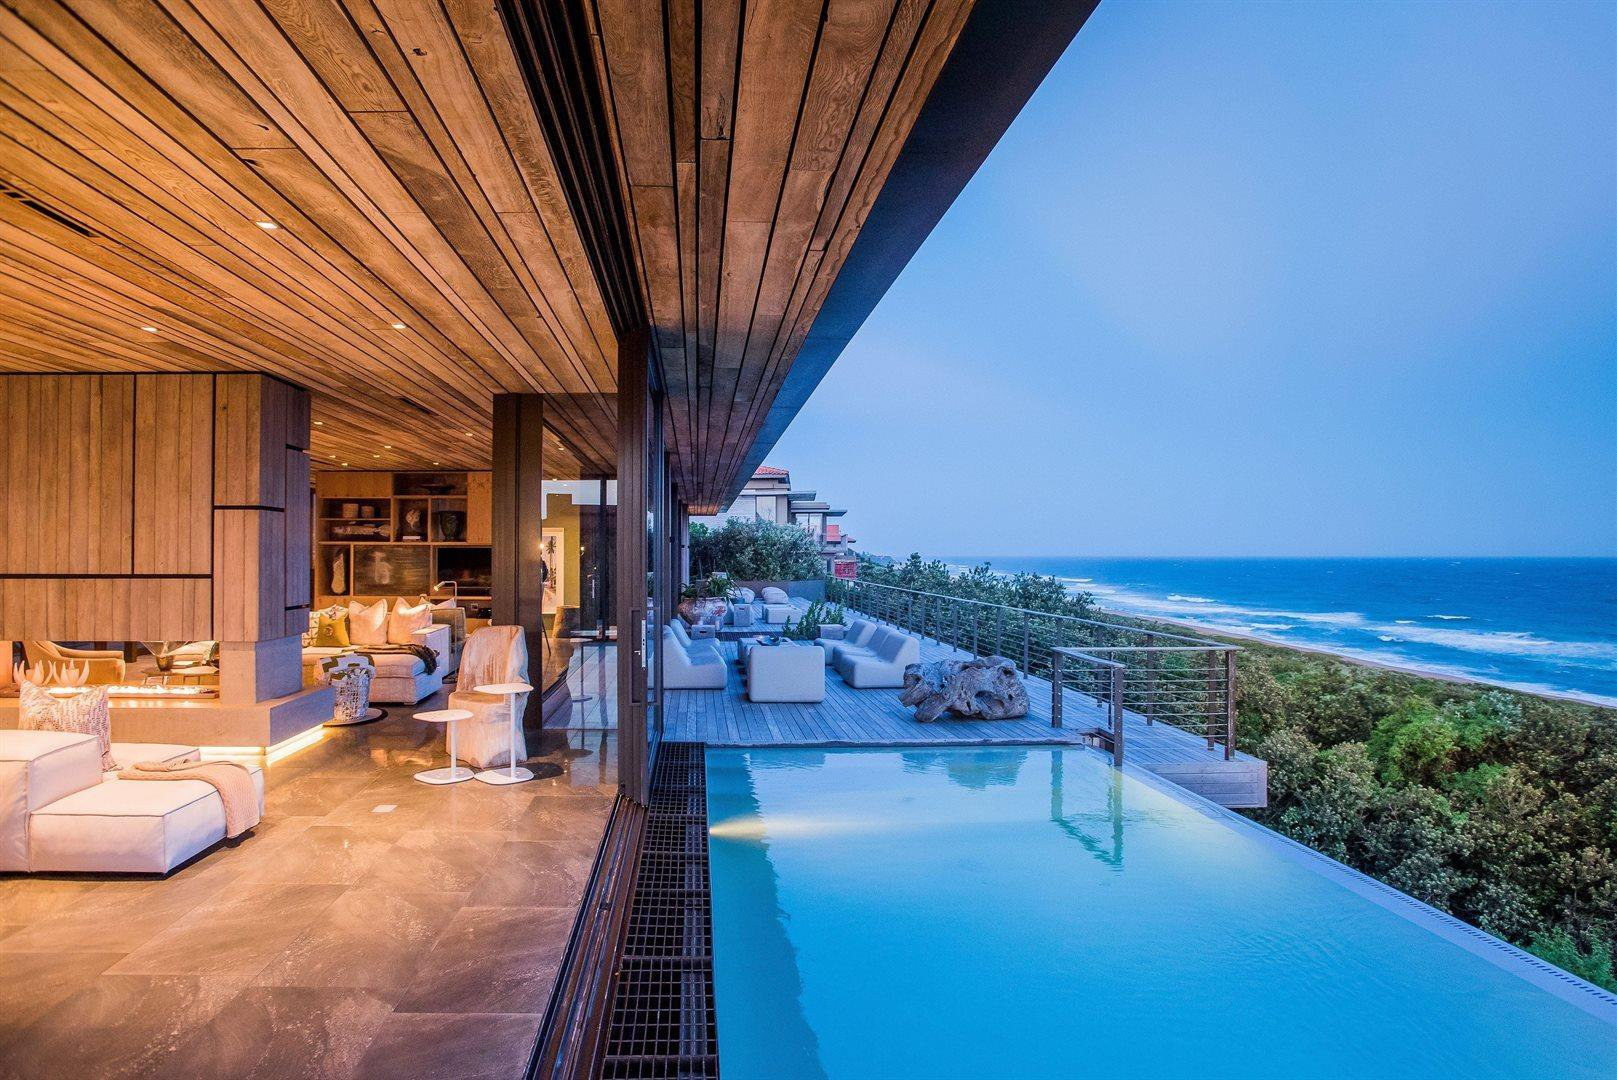 70 Million Rand House